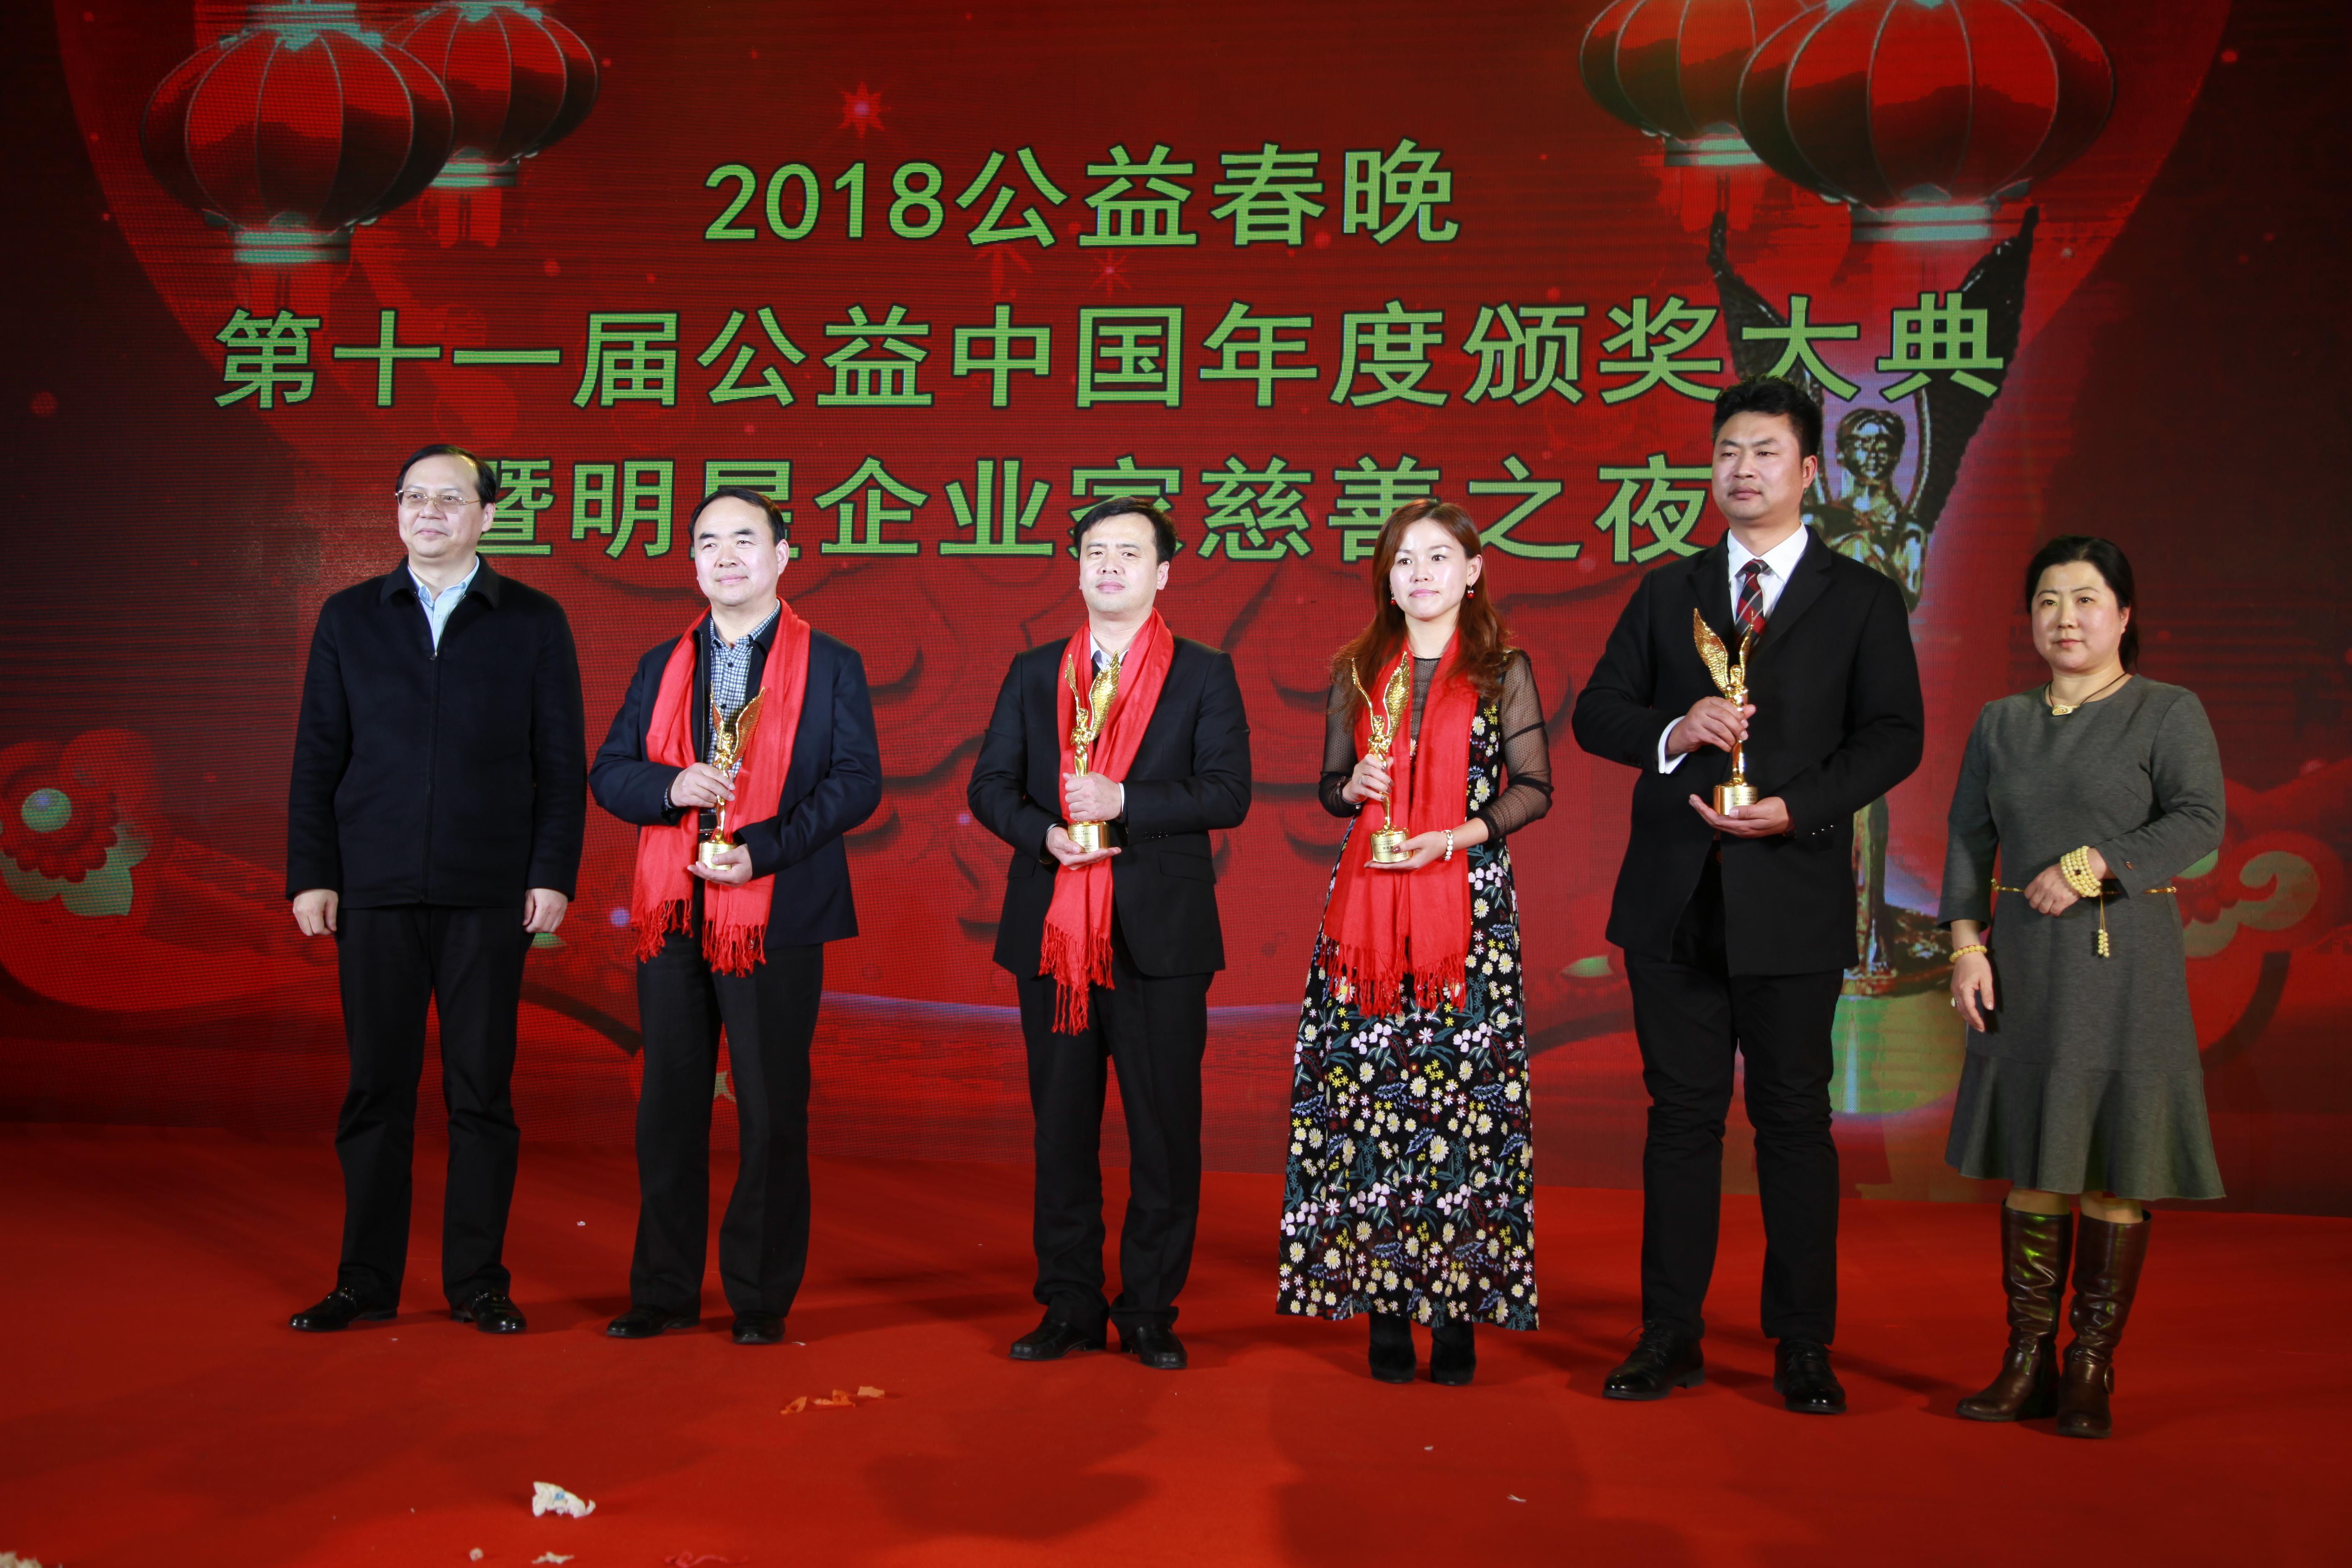 第十一届公益中国年度颁奖大典举行 山东获四项大奖